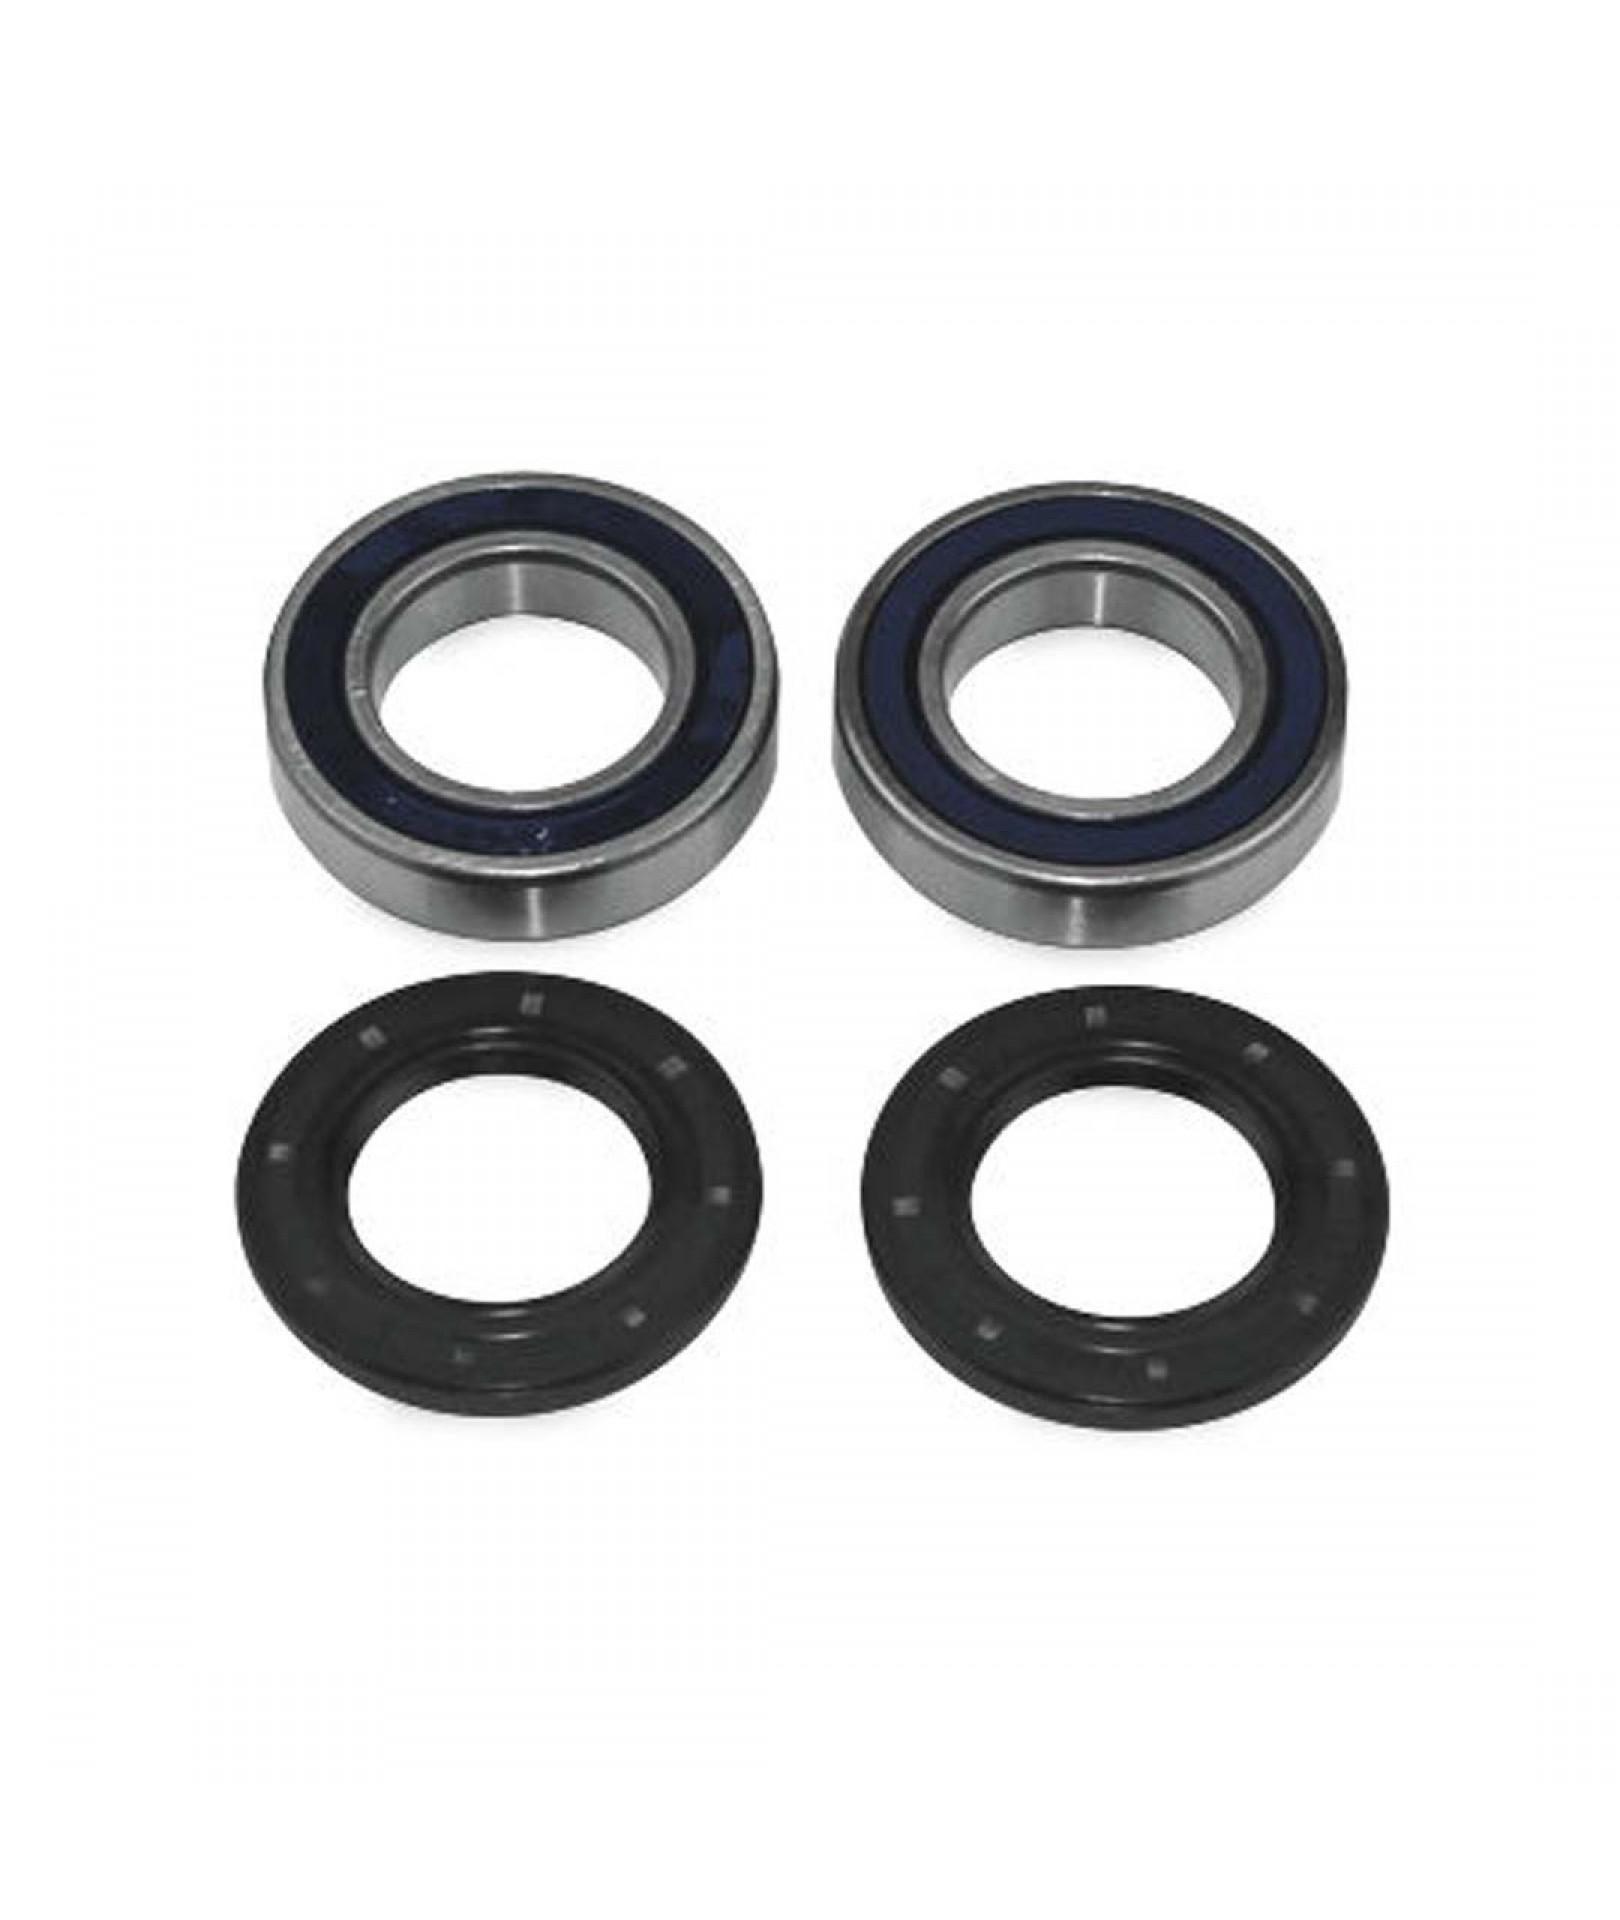 Front Wheel Bearing >> Atv Wheel Bearing And Seal Kits Front Wheel